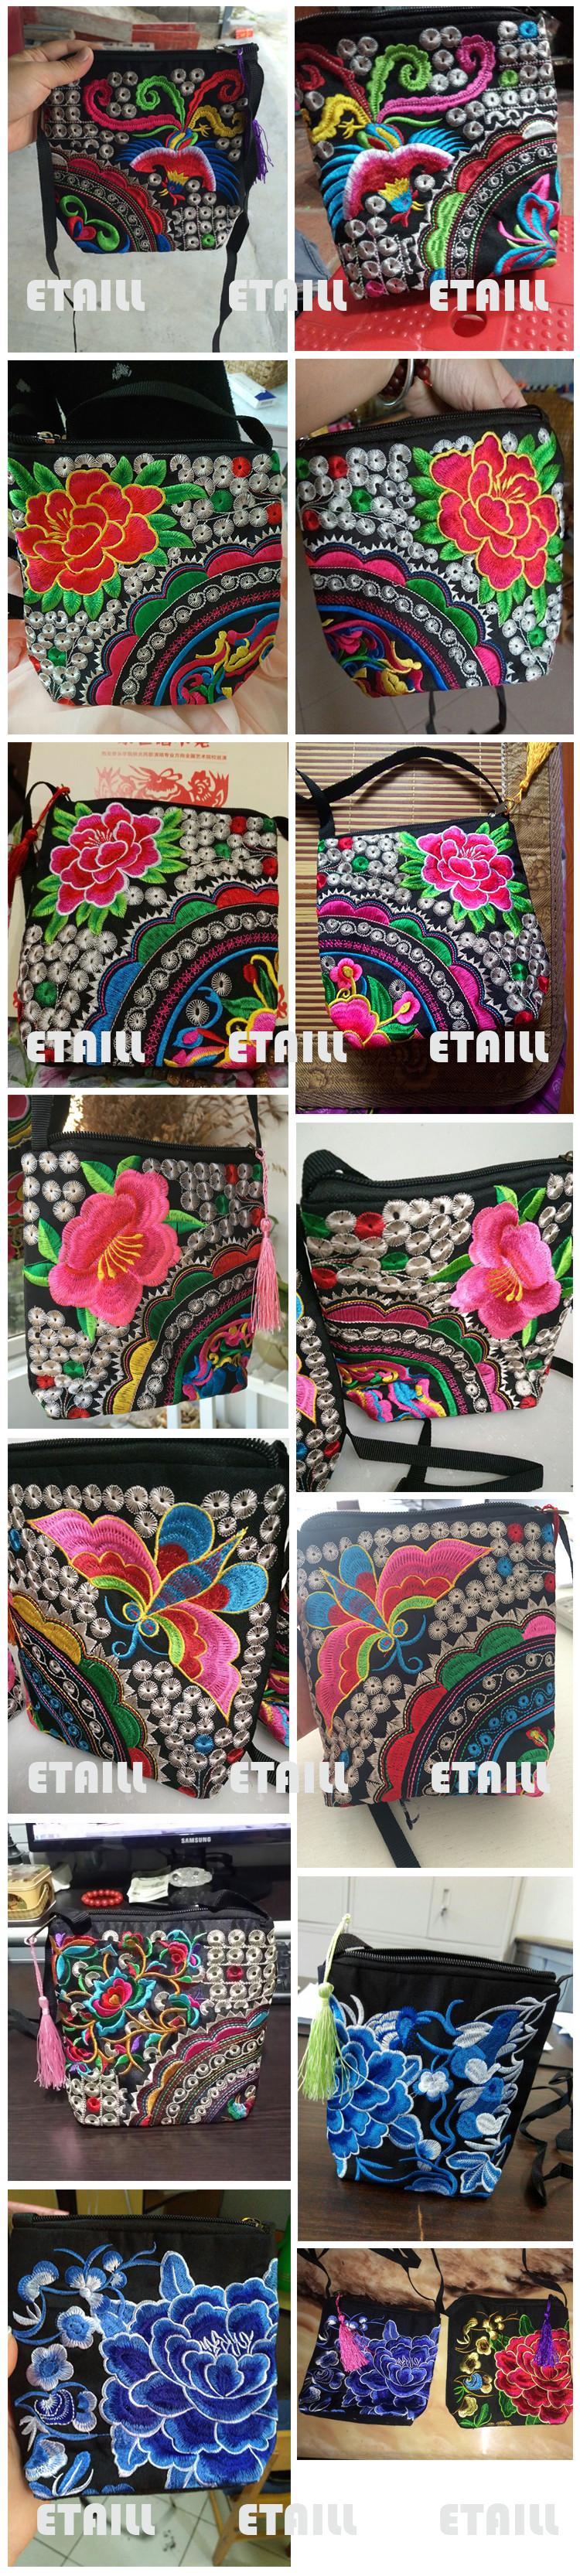 Handmade Ethnic Embroidery Shoulder bag